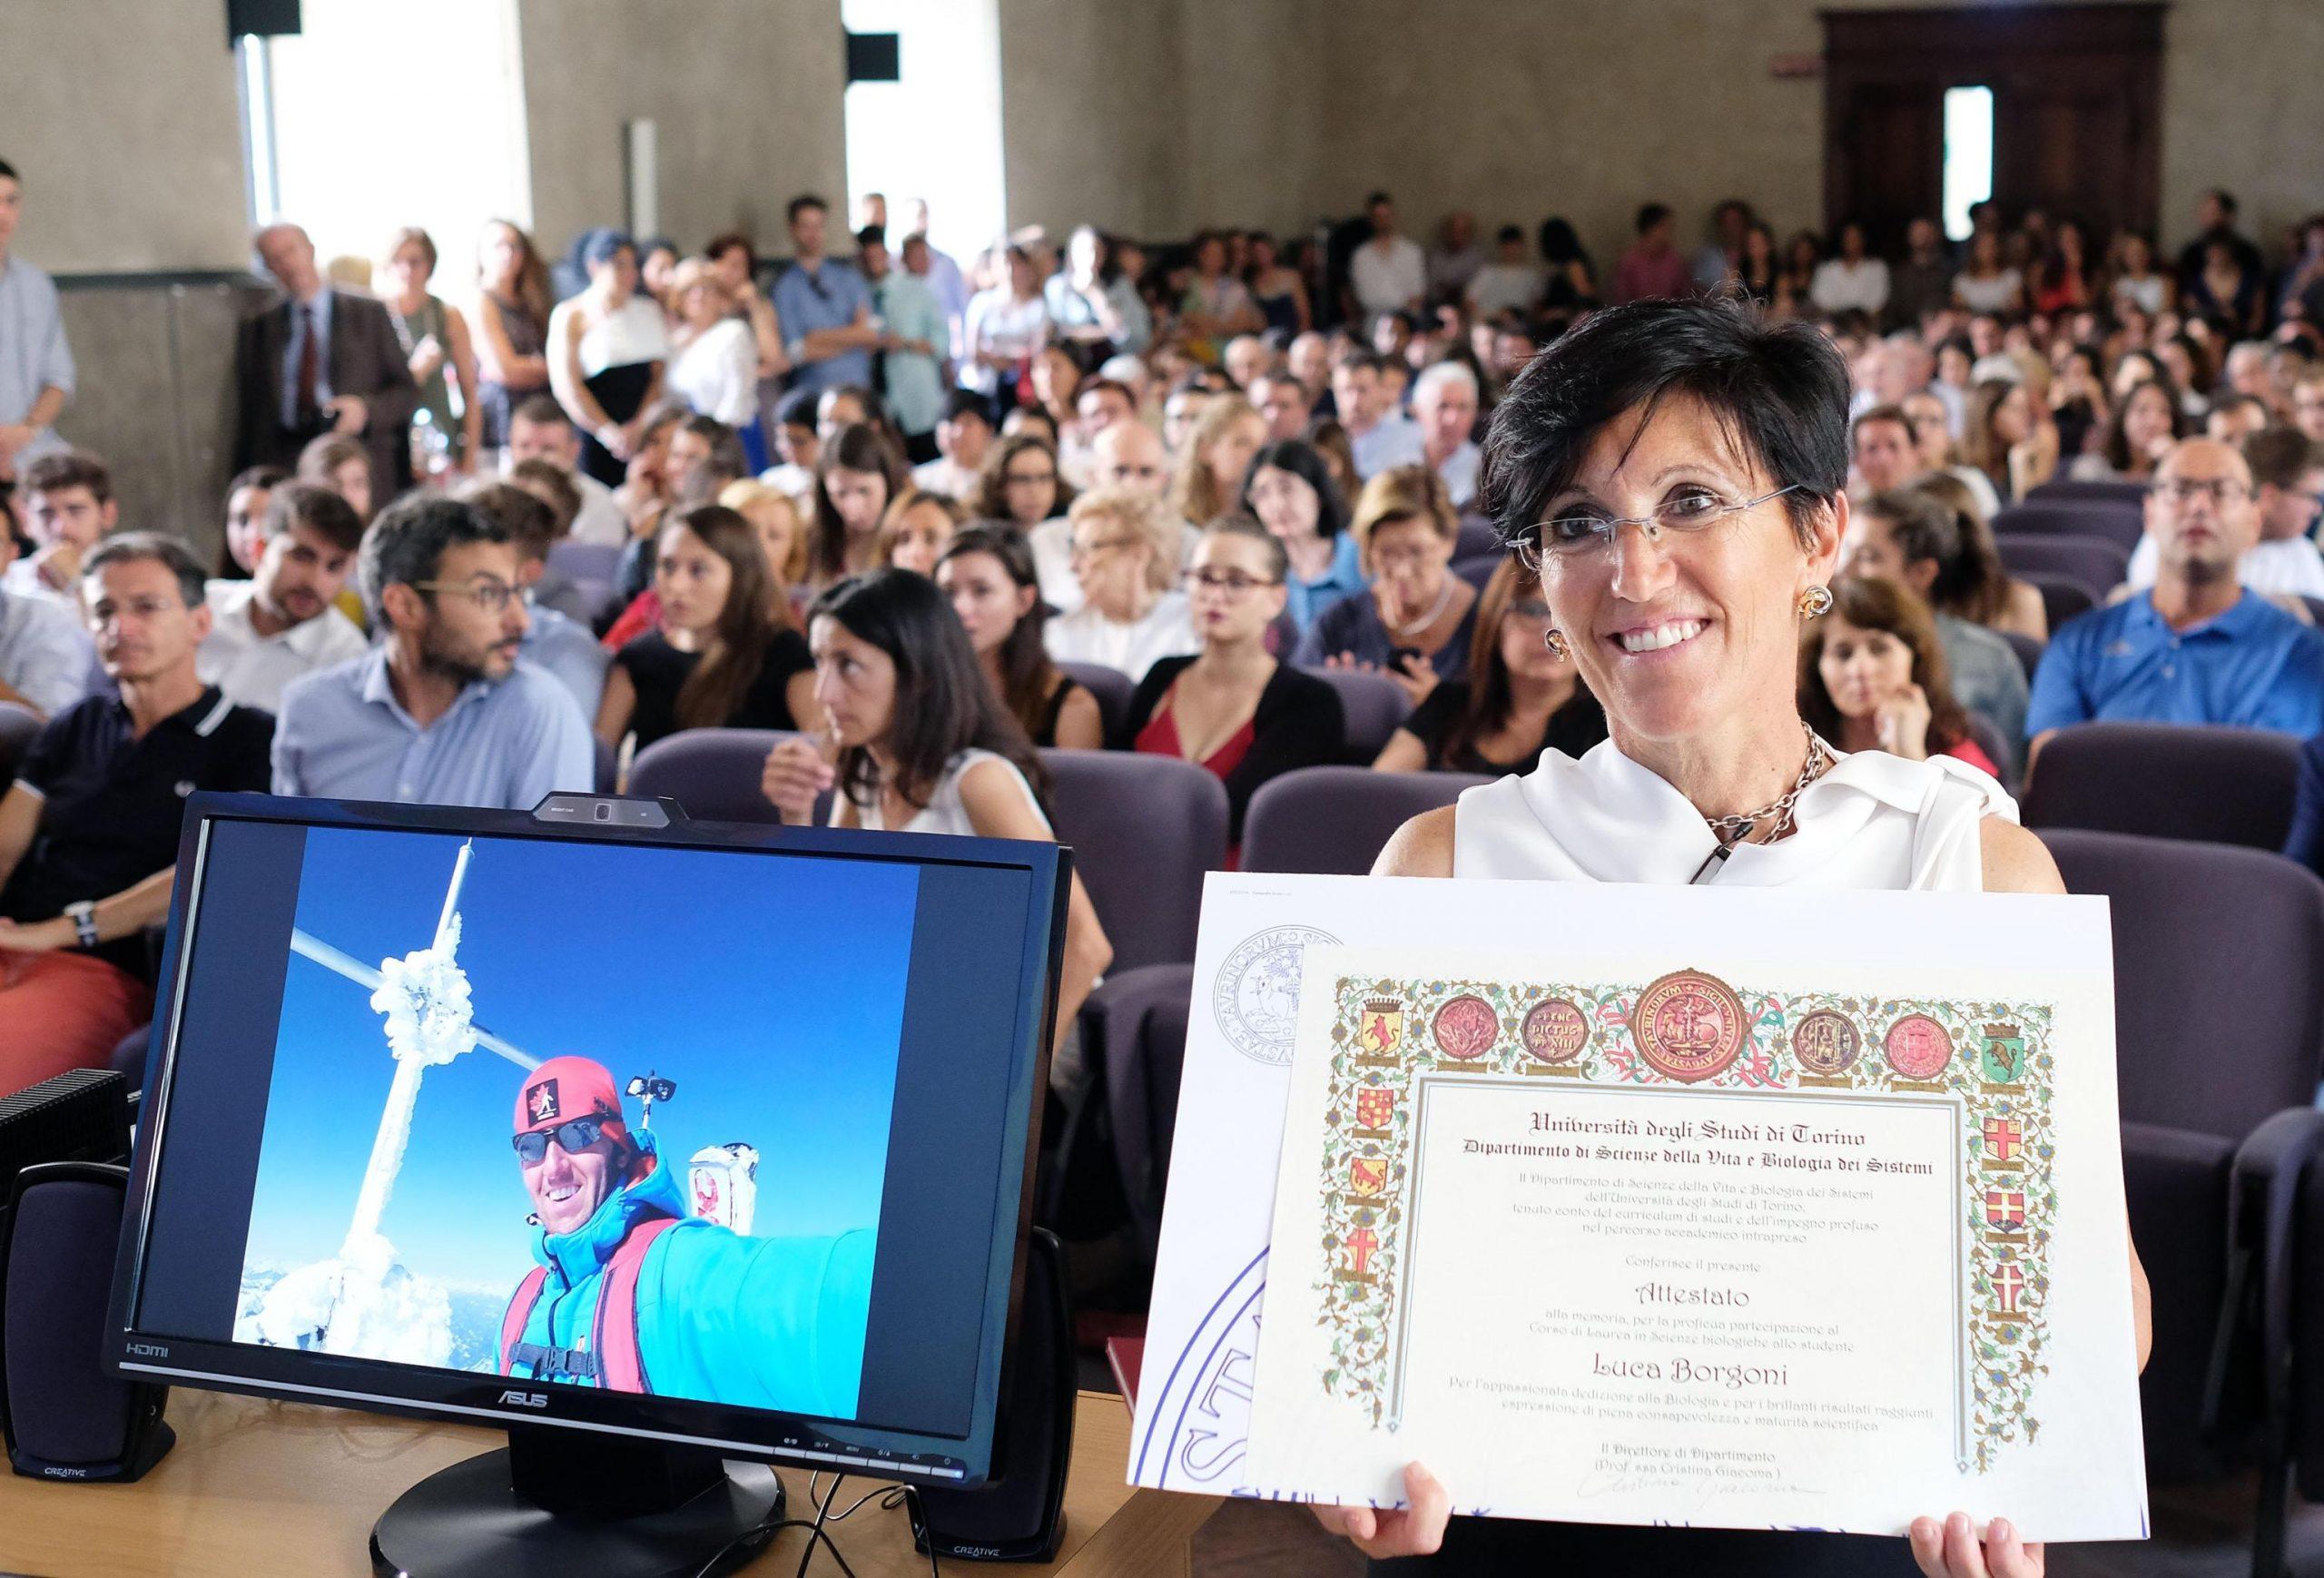 Cristiana Giordana da' tesi in biologia del figlio scomparso a luglio in montagna